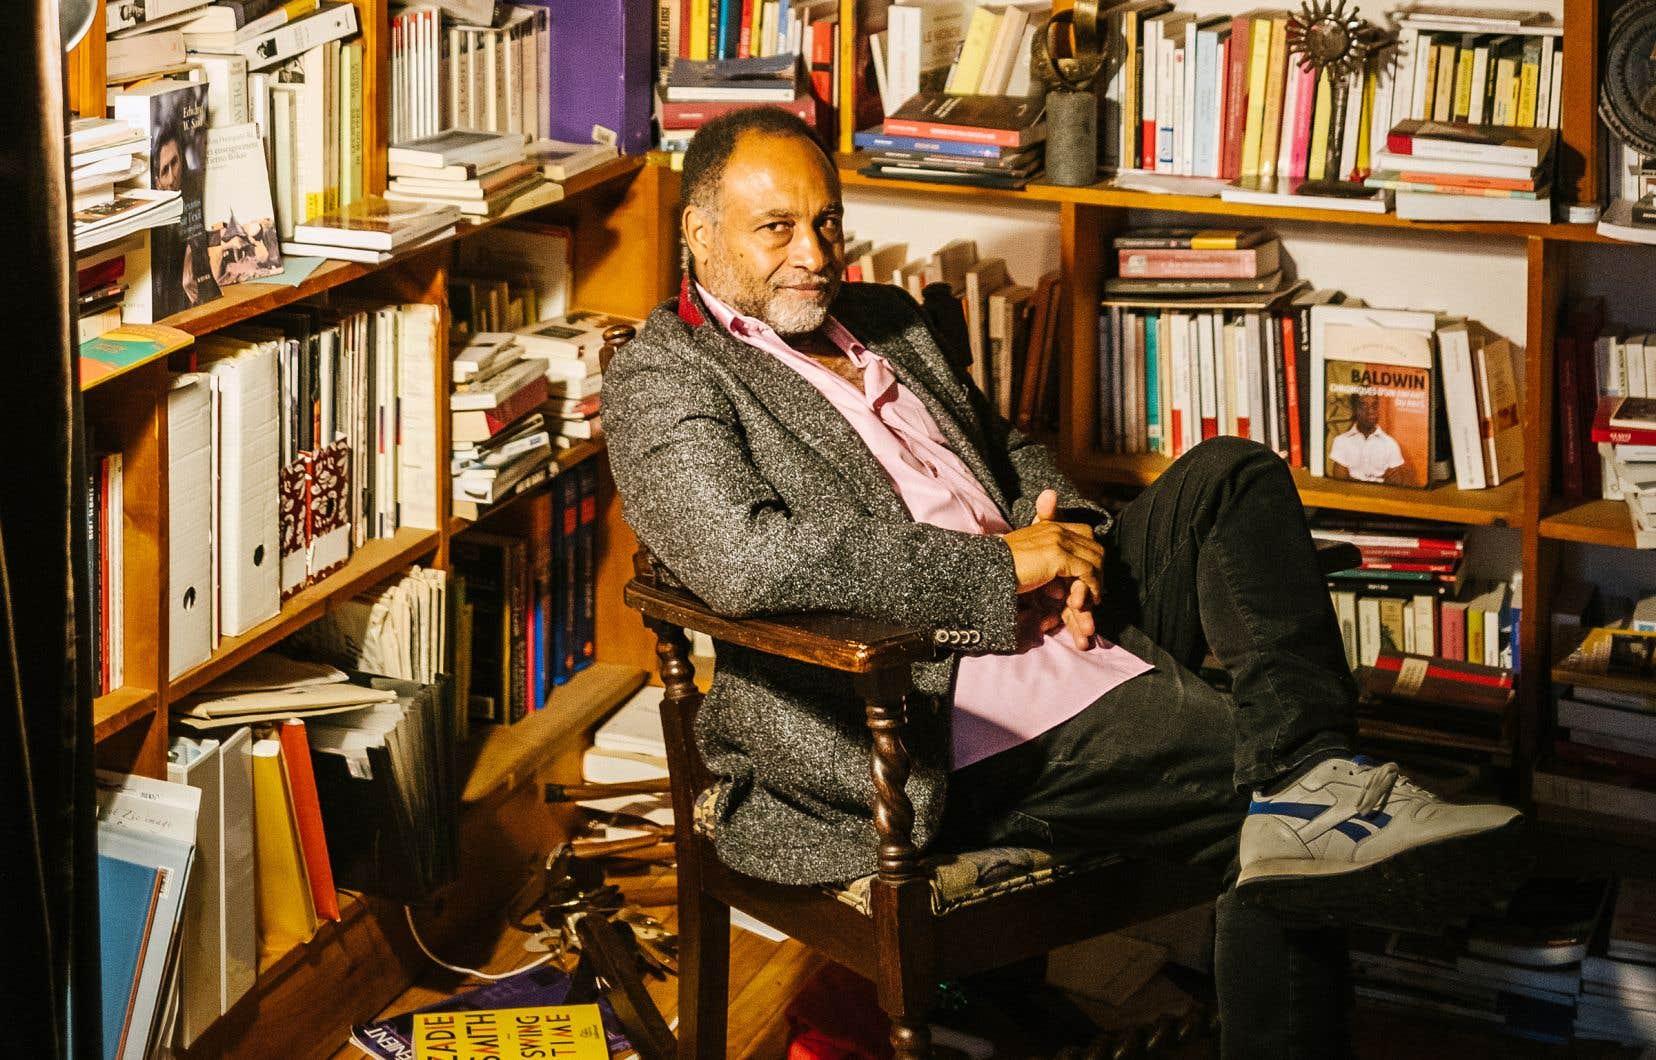 Depuis aussi longtemps qu'il écrit, Rodney Saint-Éloi se bat pour faire percer des voix porteuses de fragilité et d'humilité parmi les discours triomphants et arrogants qui dominent souvent l'espace public.